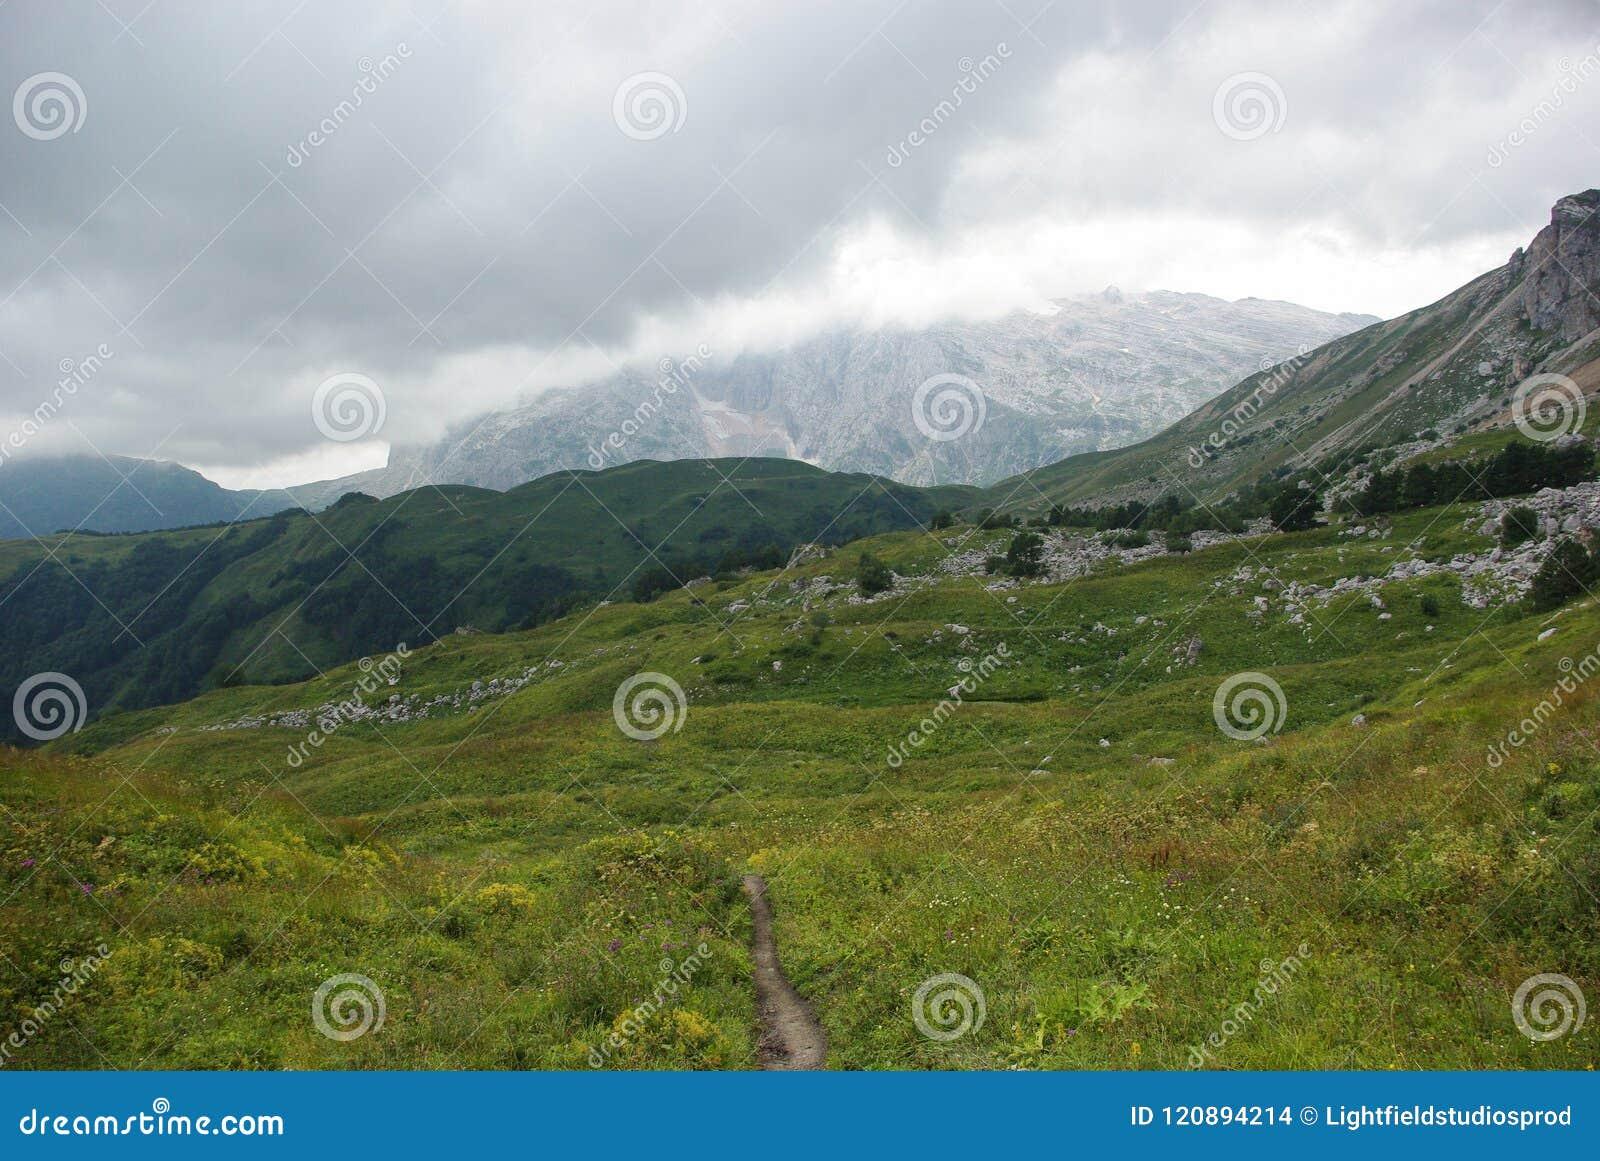 Opinión sobre la trayectoria y el valle, Federación Rusa, el Cáucaso,